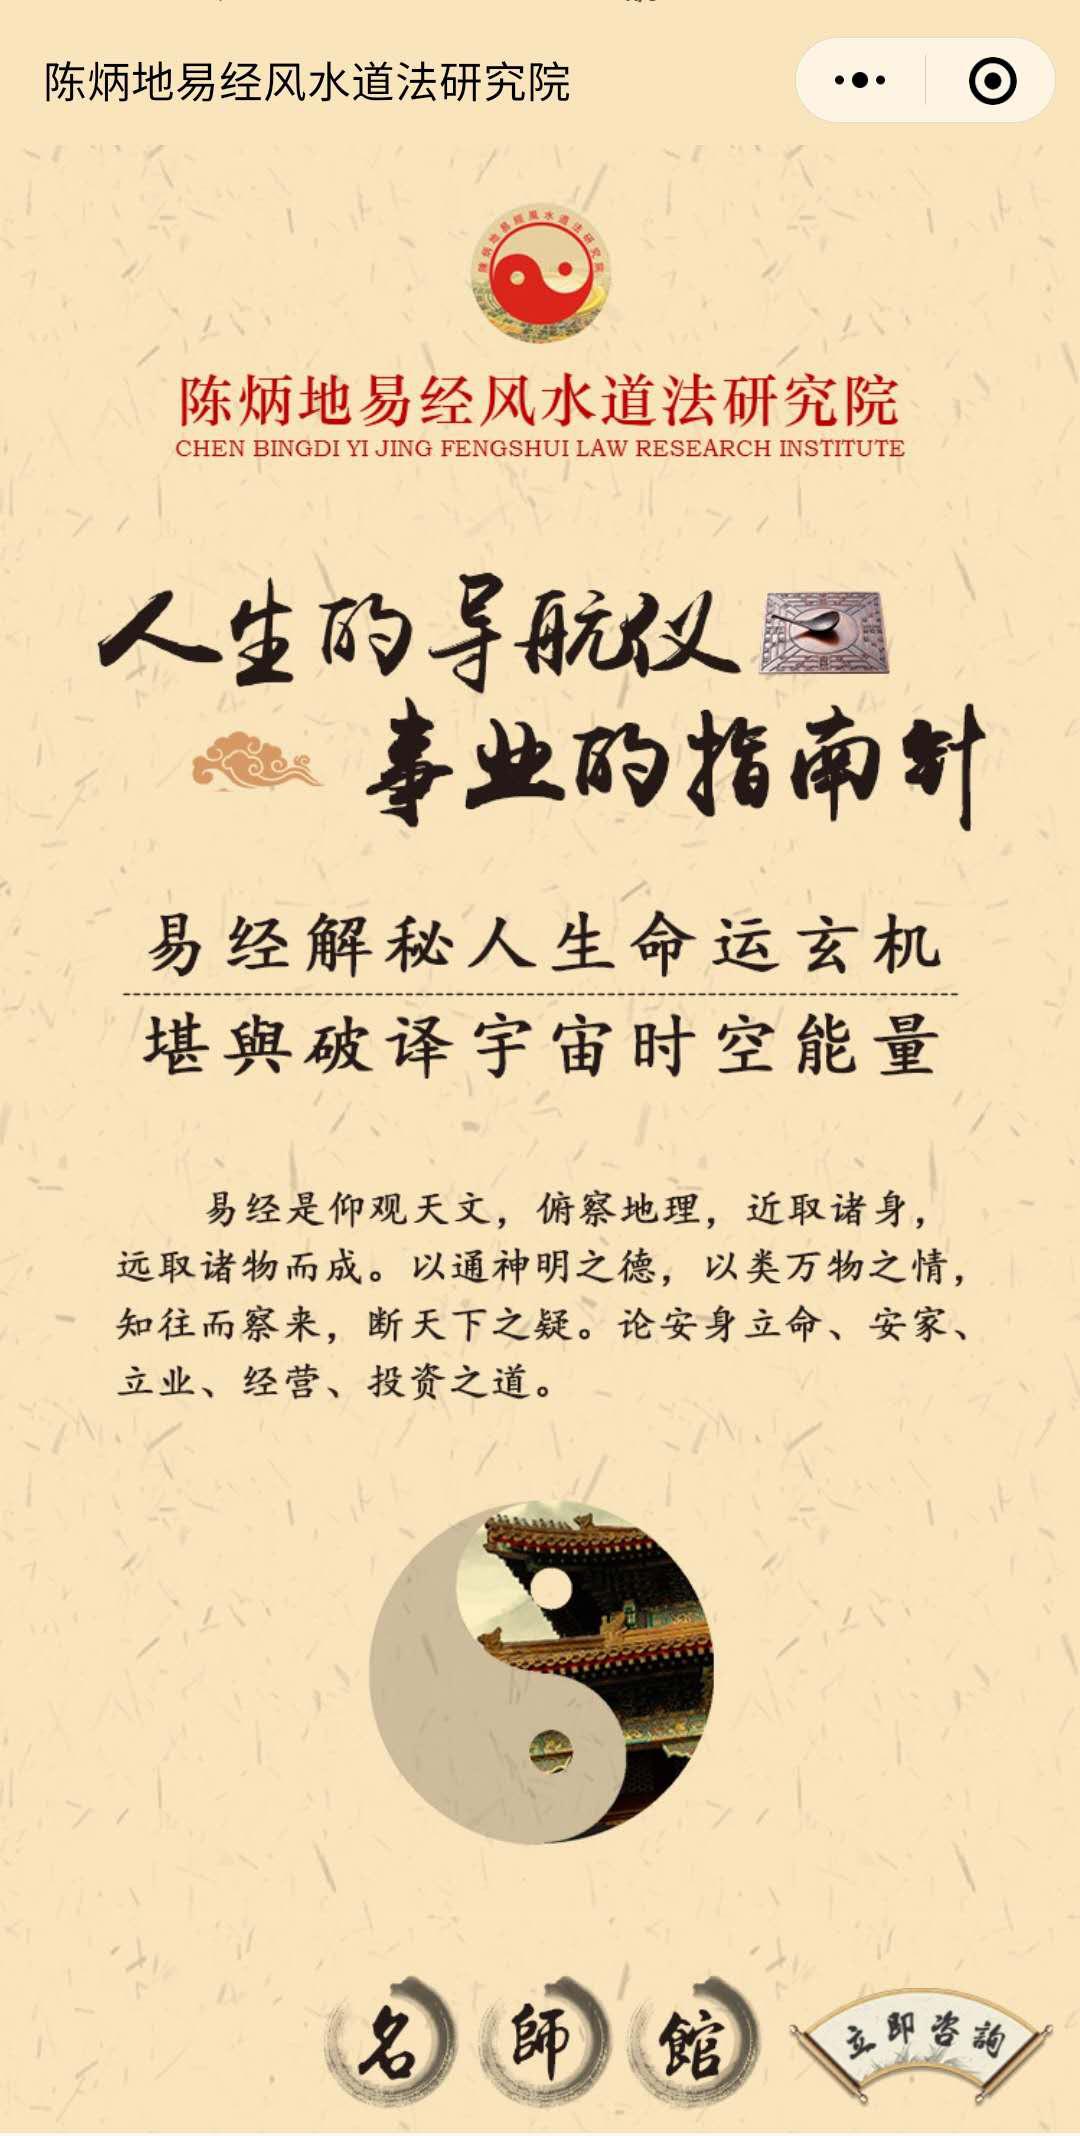 陈炳地风水大师小程序